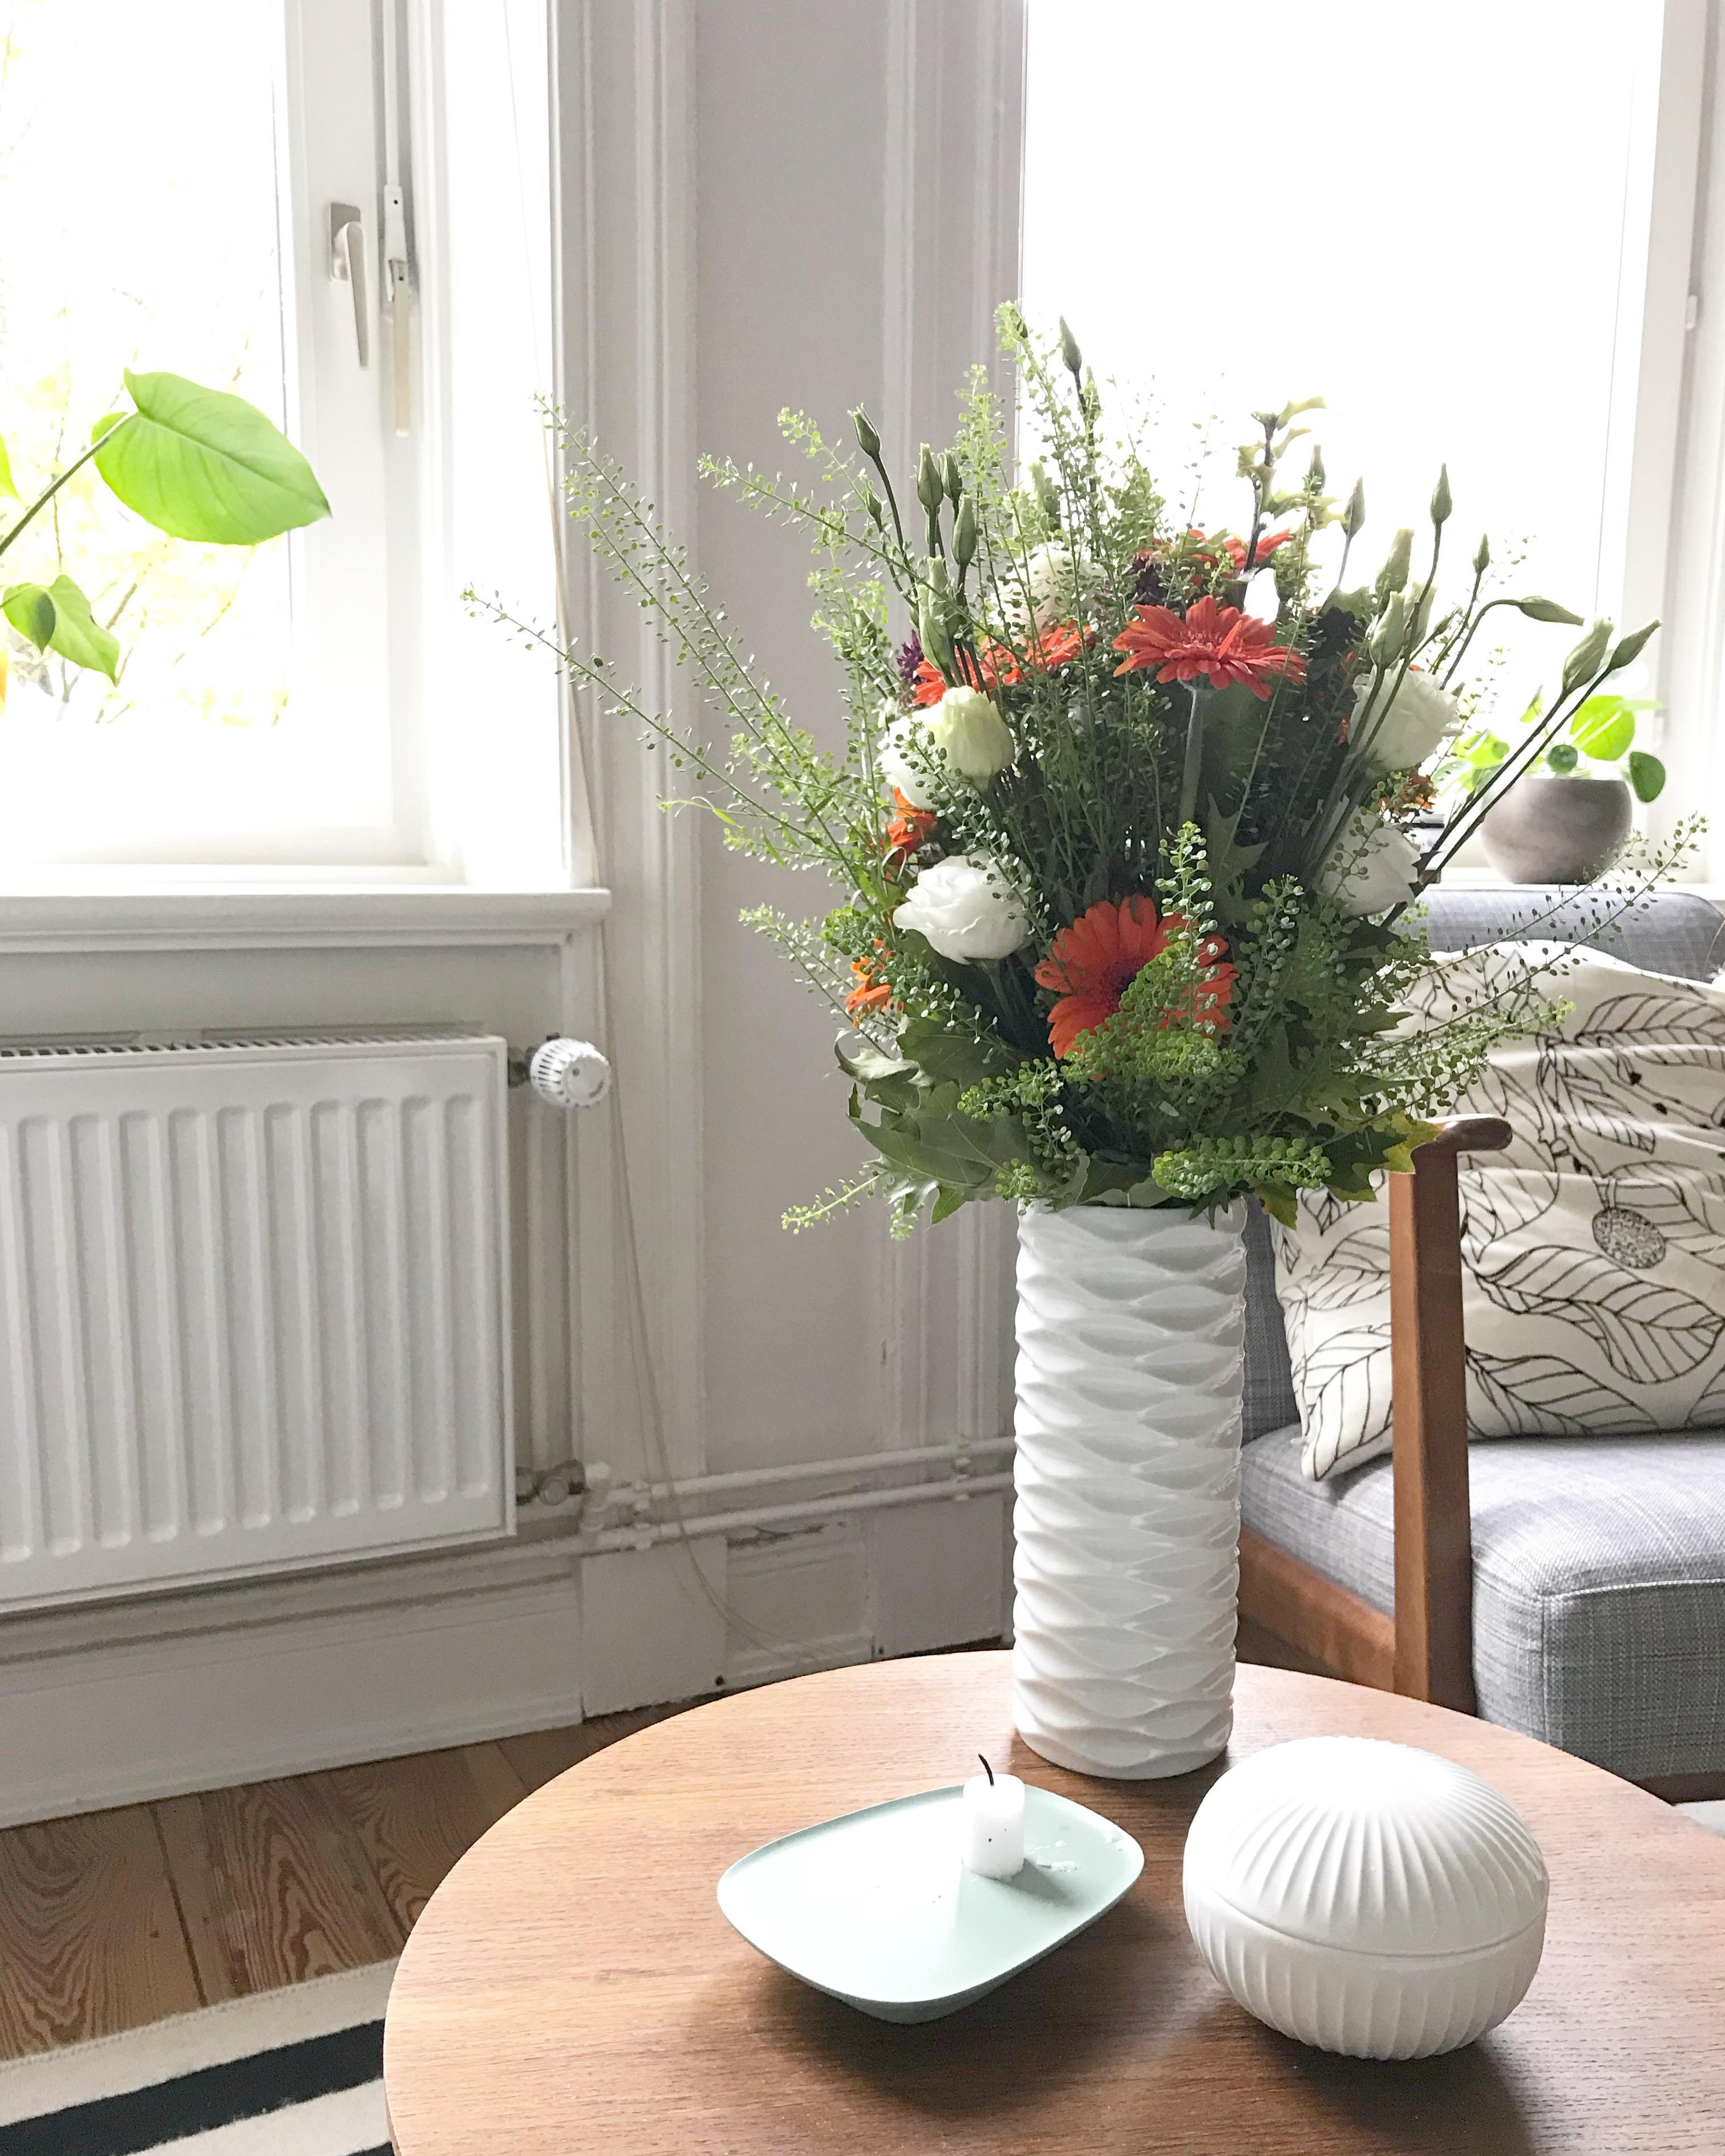 Blumen Fuers Auge Vase Weissevase Couchtisch Altbau Ikeasessel Flowerpower  Dd9555ca 3efc 41ae Ac6d 289829b83482